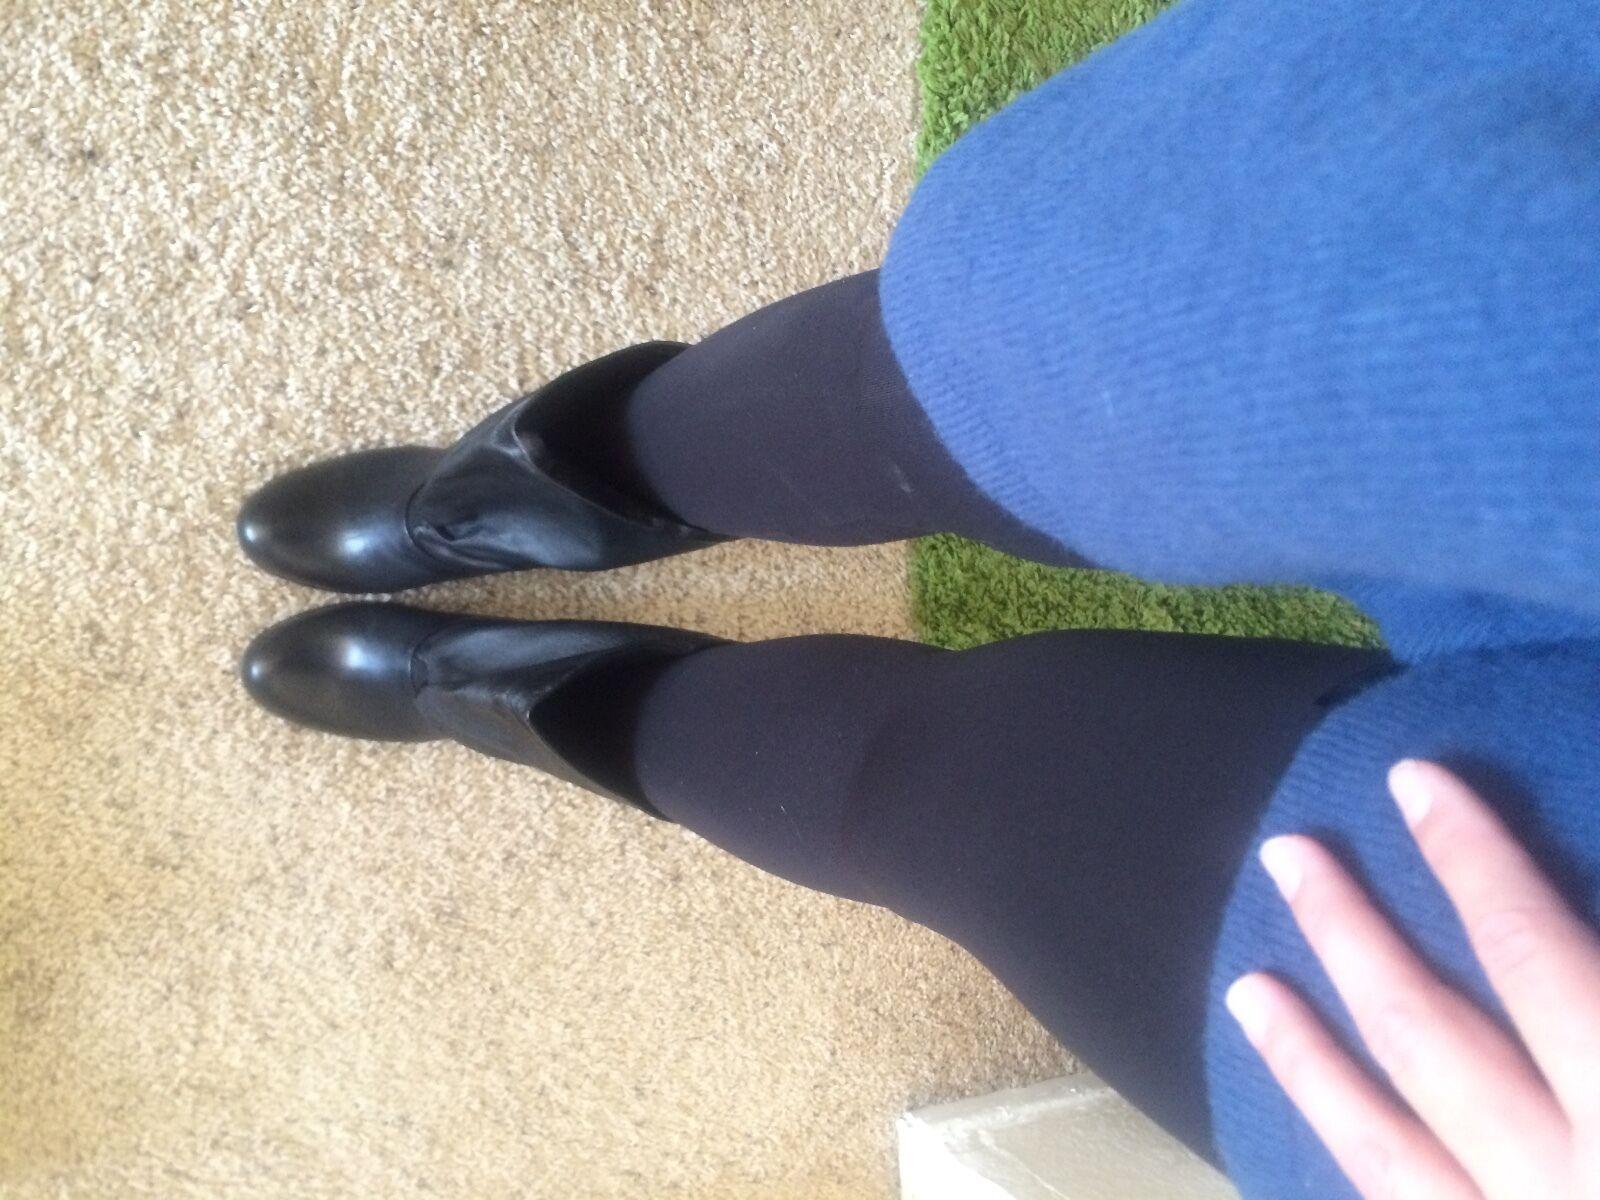 PRADA ITALY RUNWAY BLACK SHORT LEATHE DRESSY HIPPIE SLUCH SHORT BLACK Stiefel 39 $1500 WEAR 2x c64467